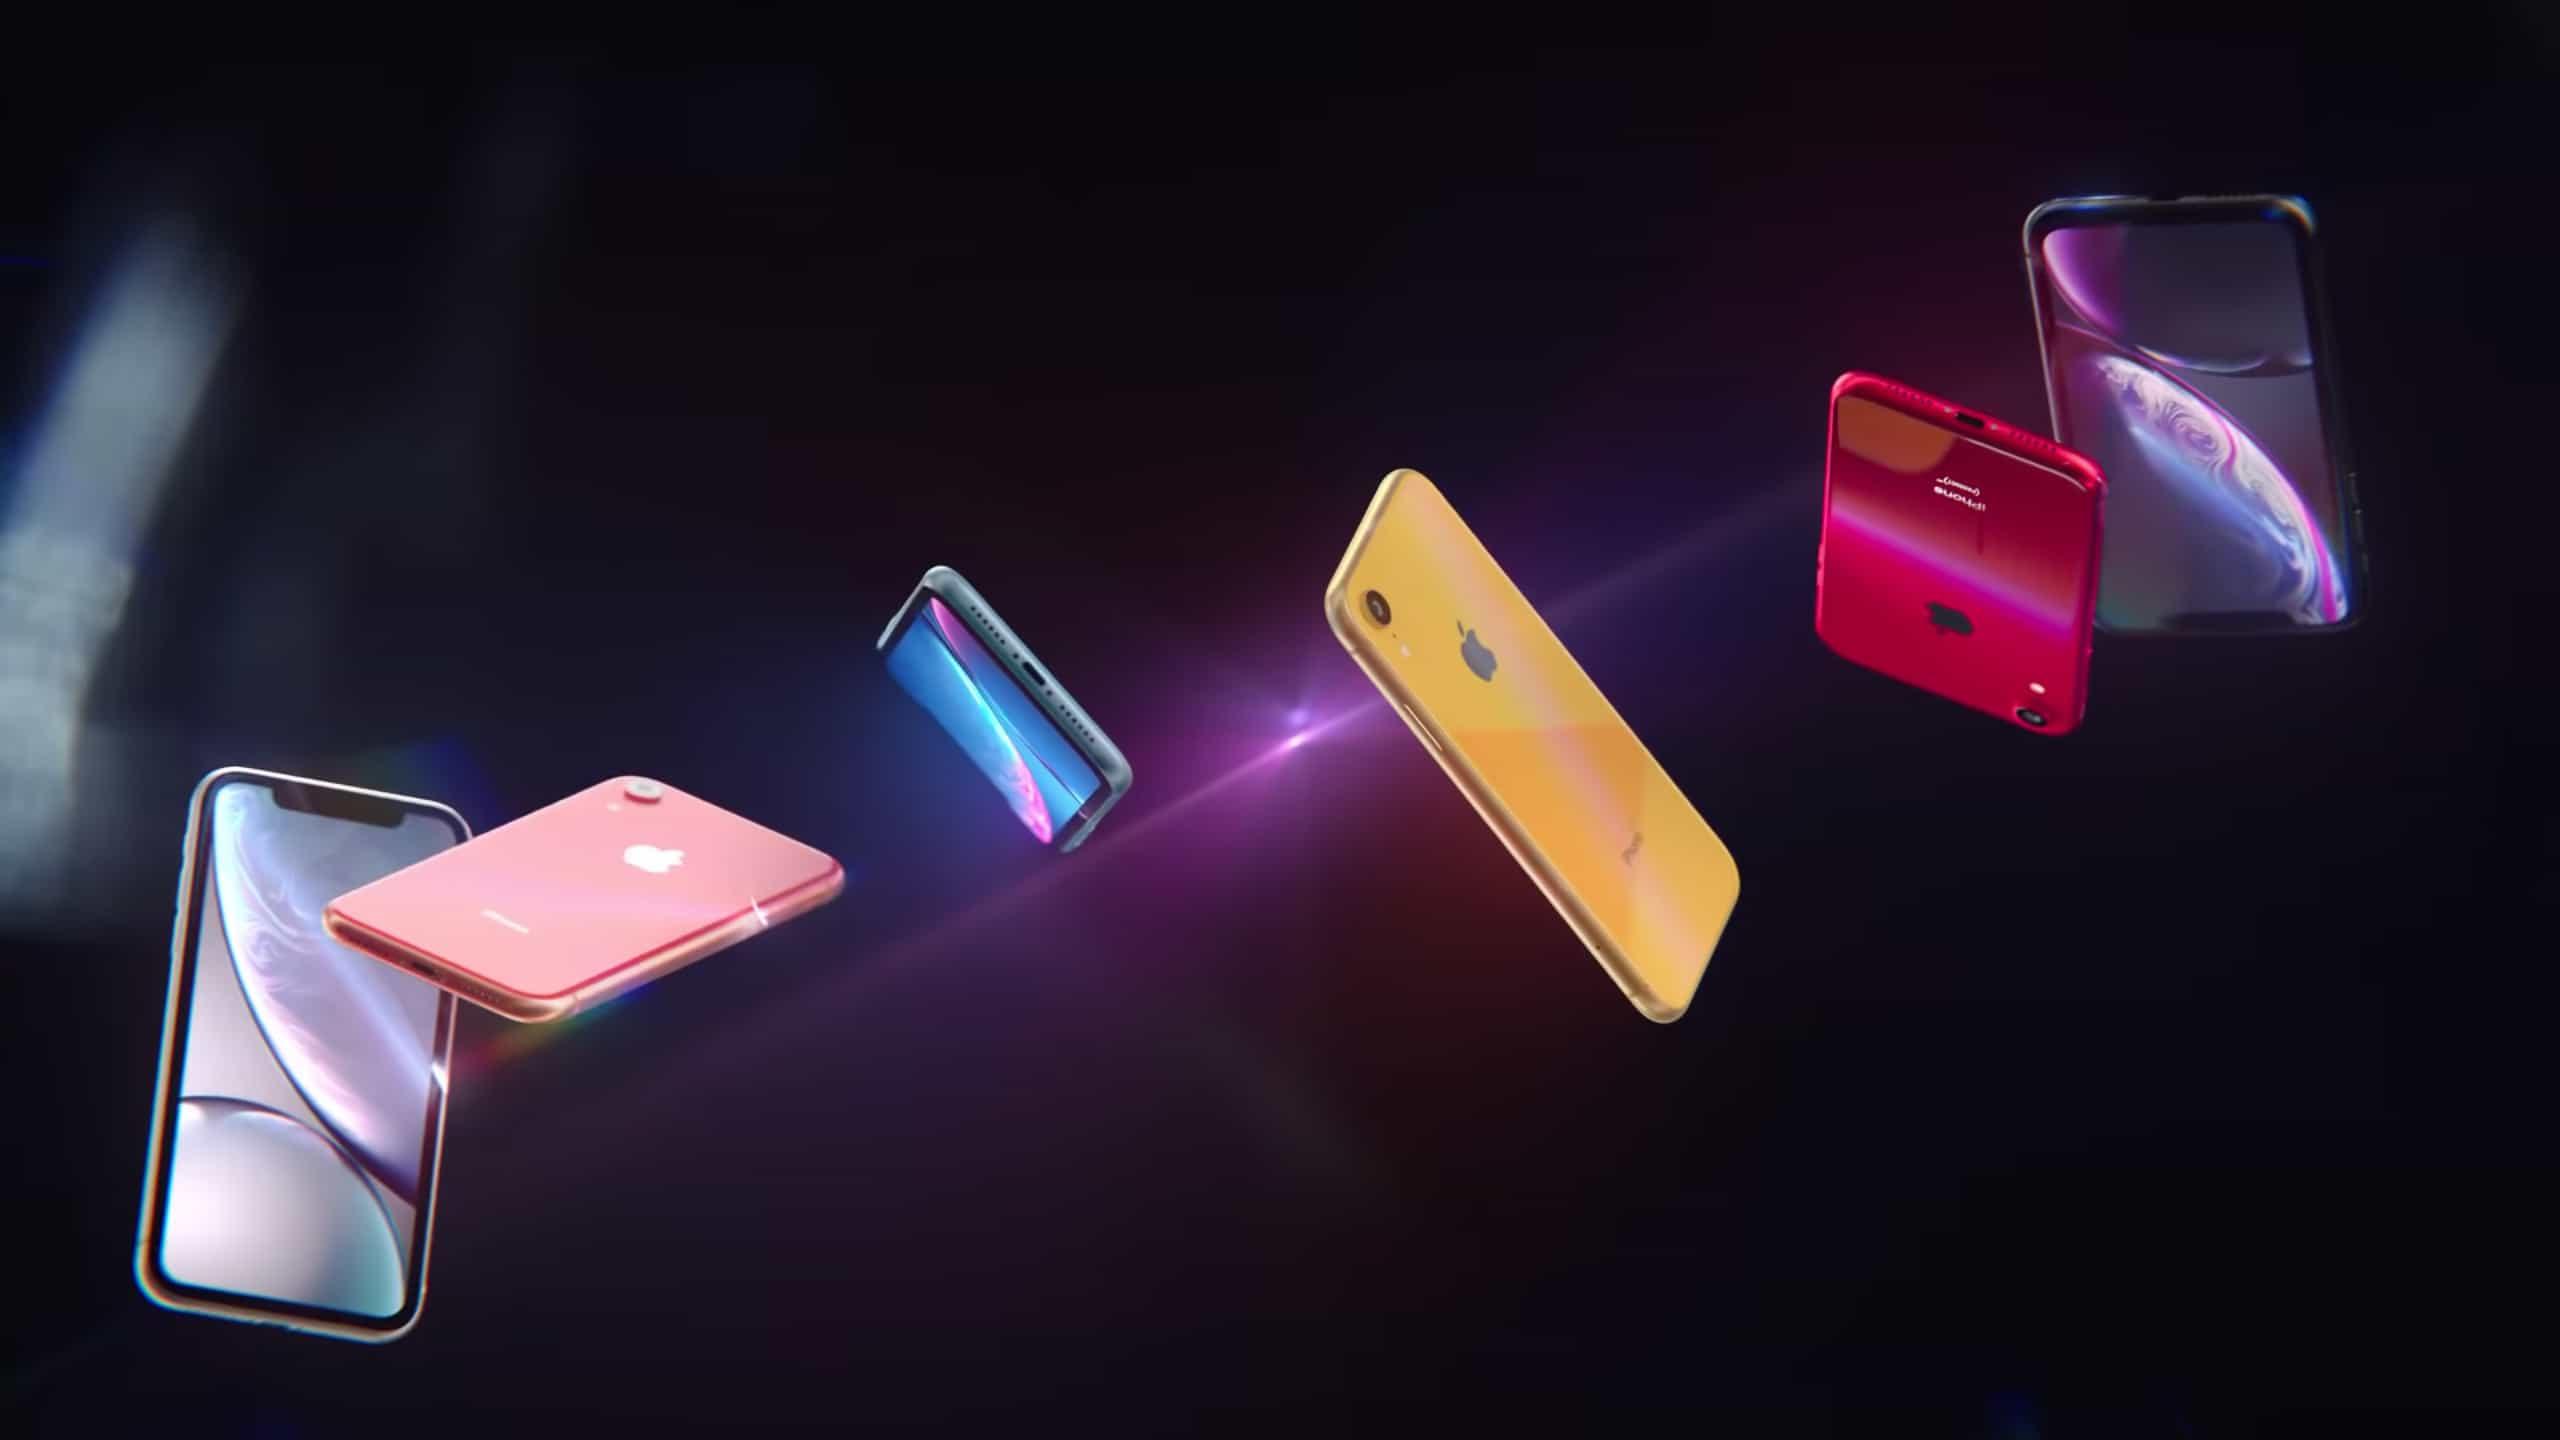 iPhone XR Spectrum ad